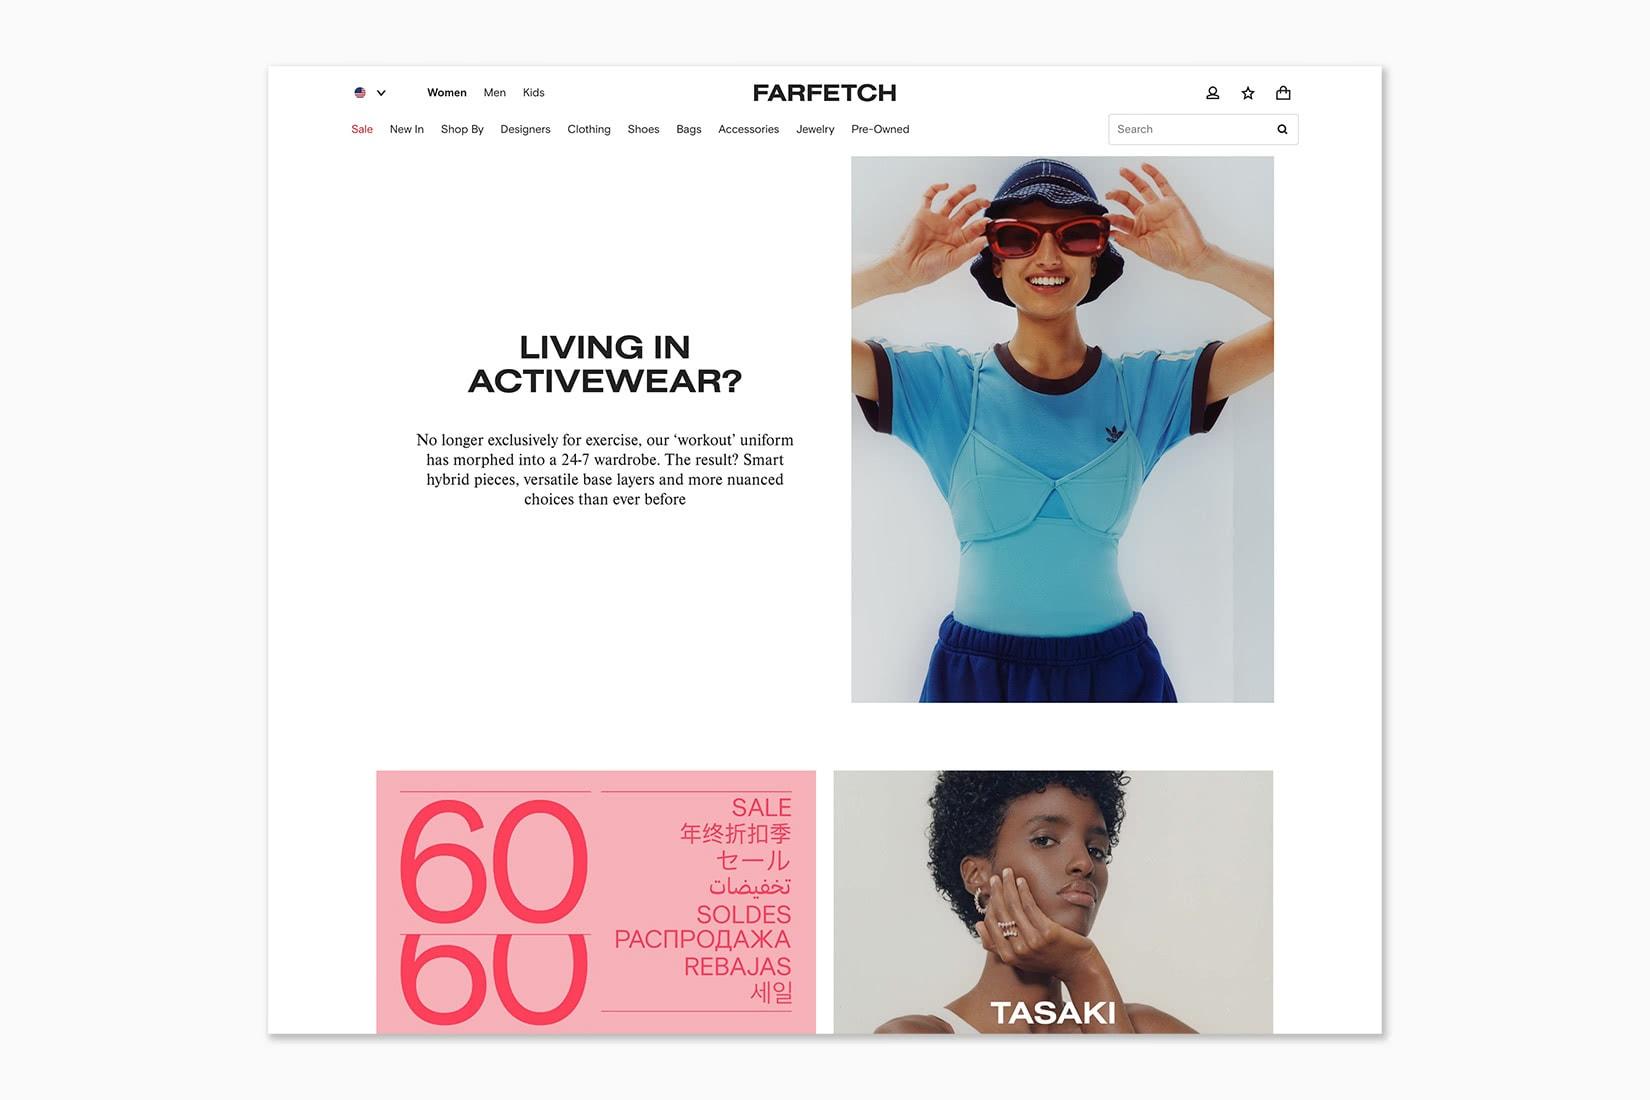 best online shopping sites women FARFETCH - Luxe Digital